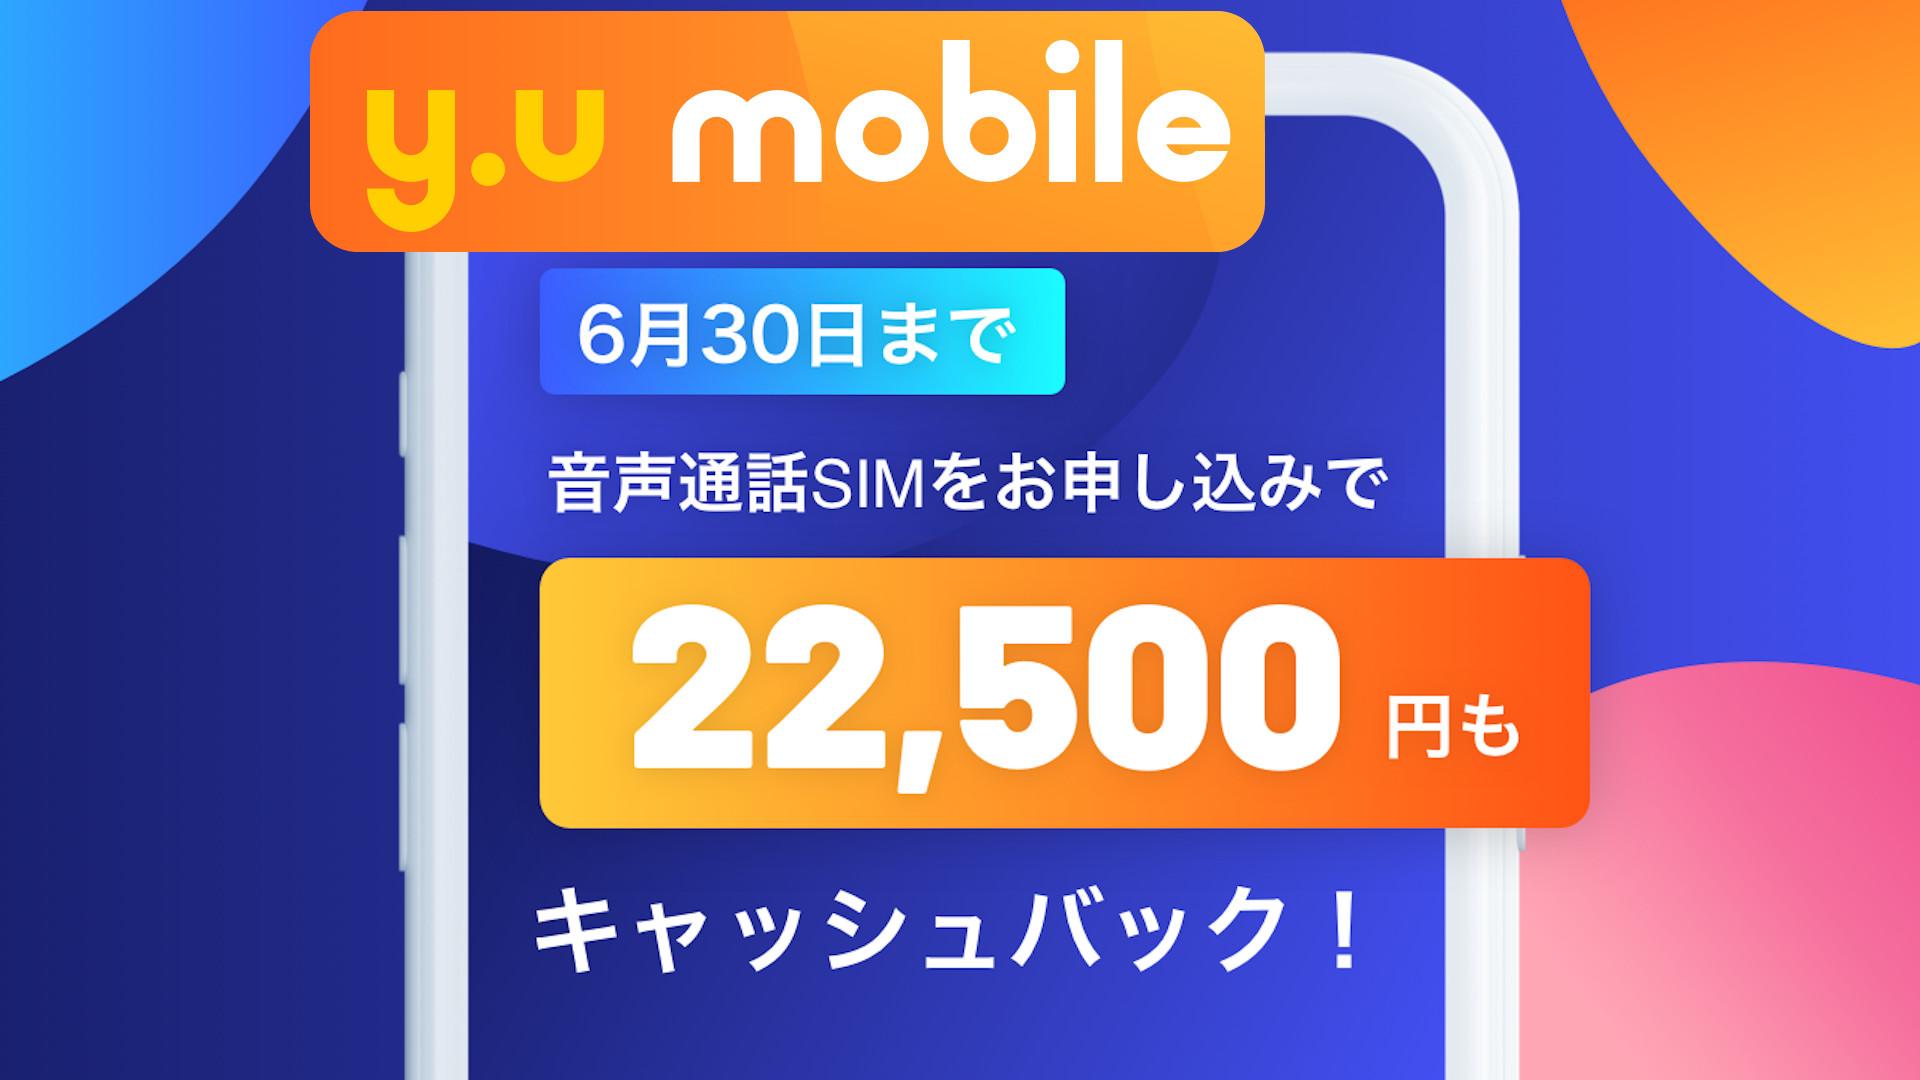 y.u mobileは6月まで22500円キャッシュバック中